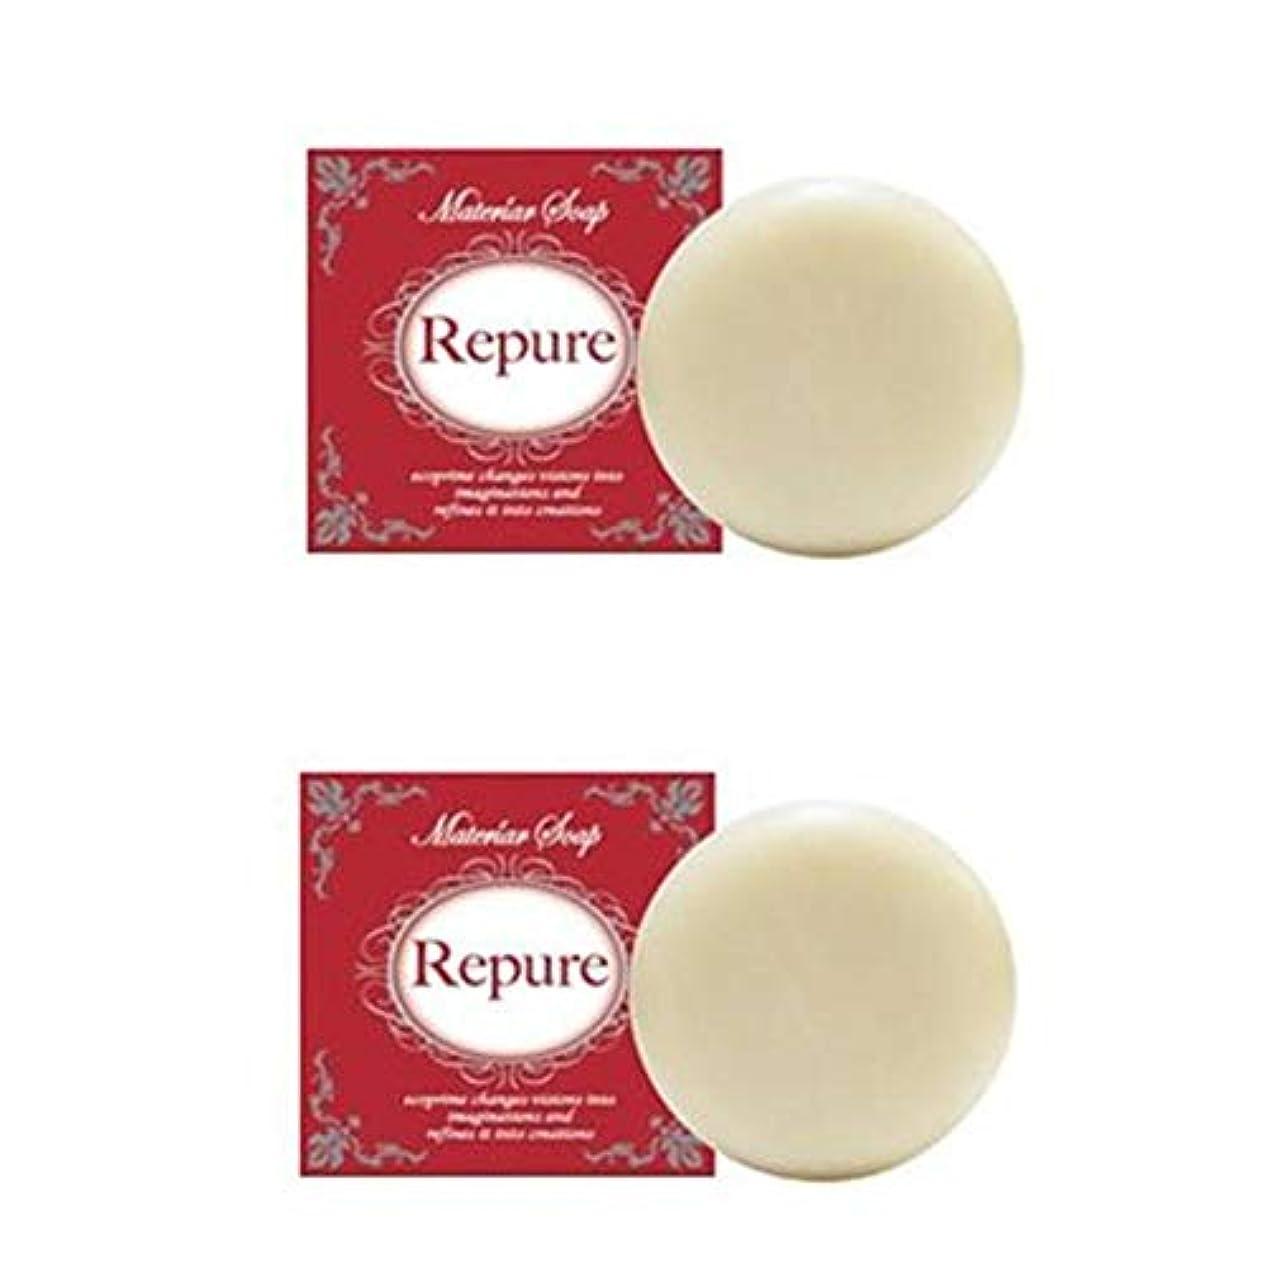 デッド解釈するどうやら【2個セット】マテリアソープ Repure(リピュア)? 2個セット 日本ネオライズ